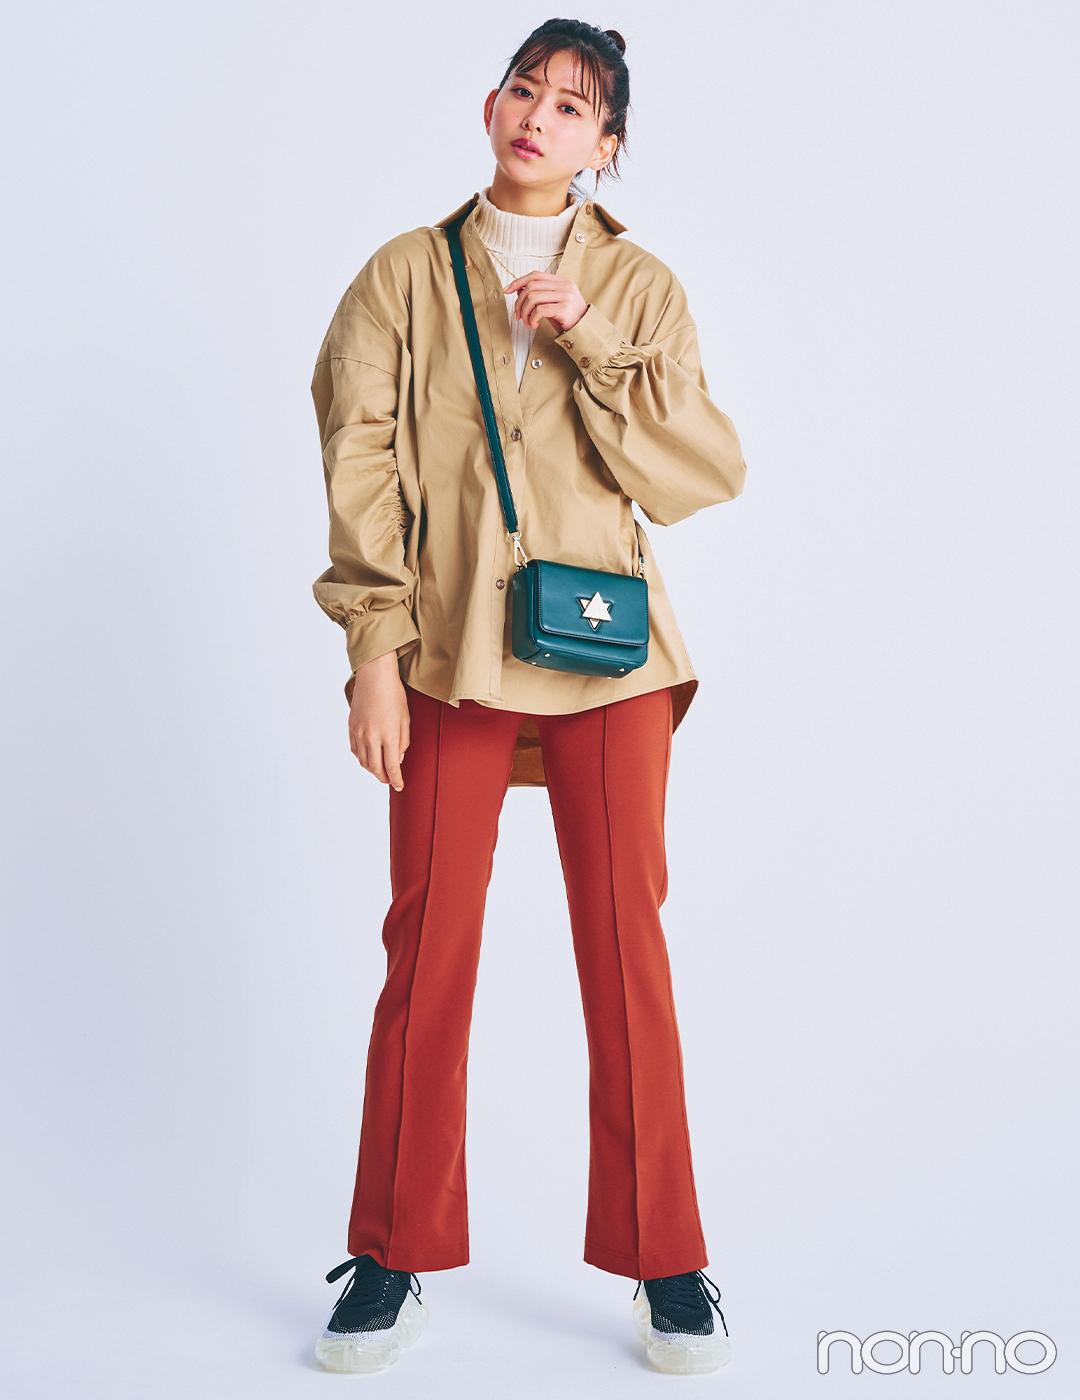 渡邉理佐は注目のカラーパンツで着こなしの鮮度をアップ【毎日コーデ】